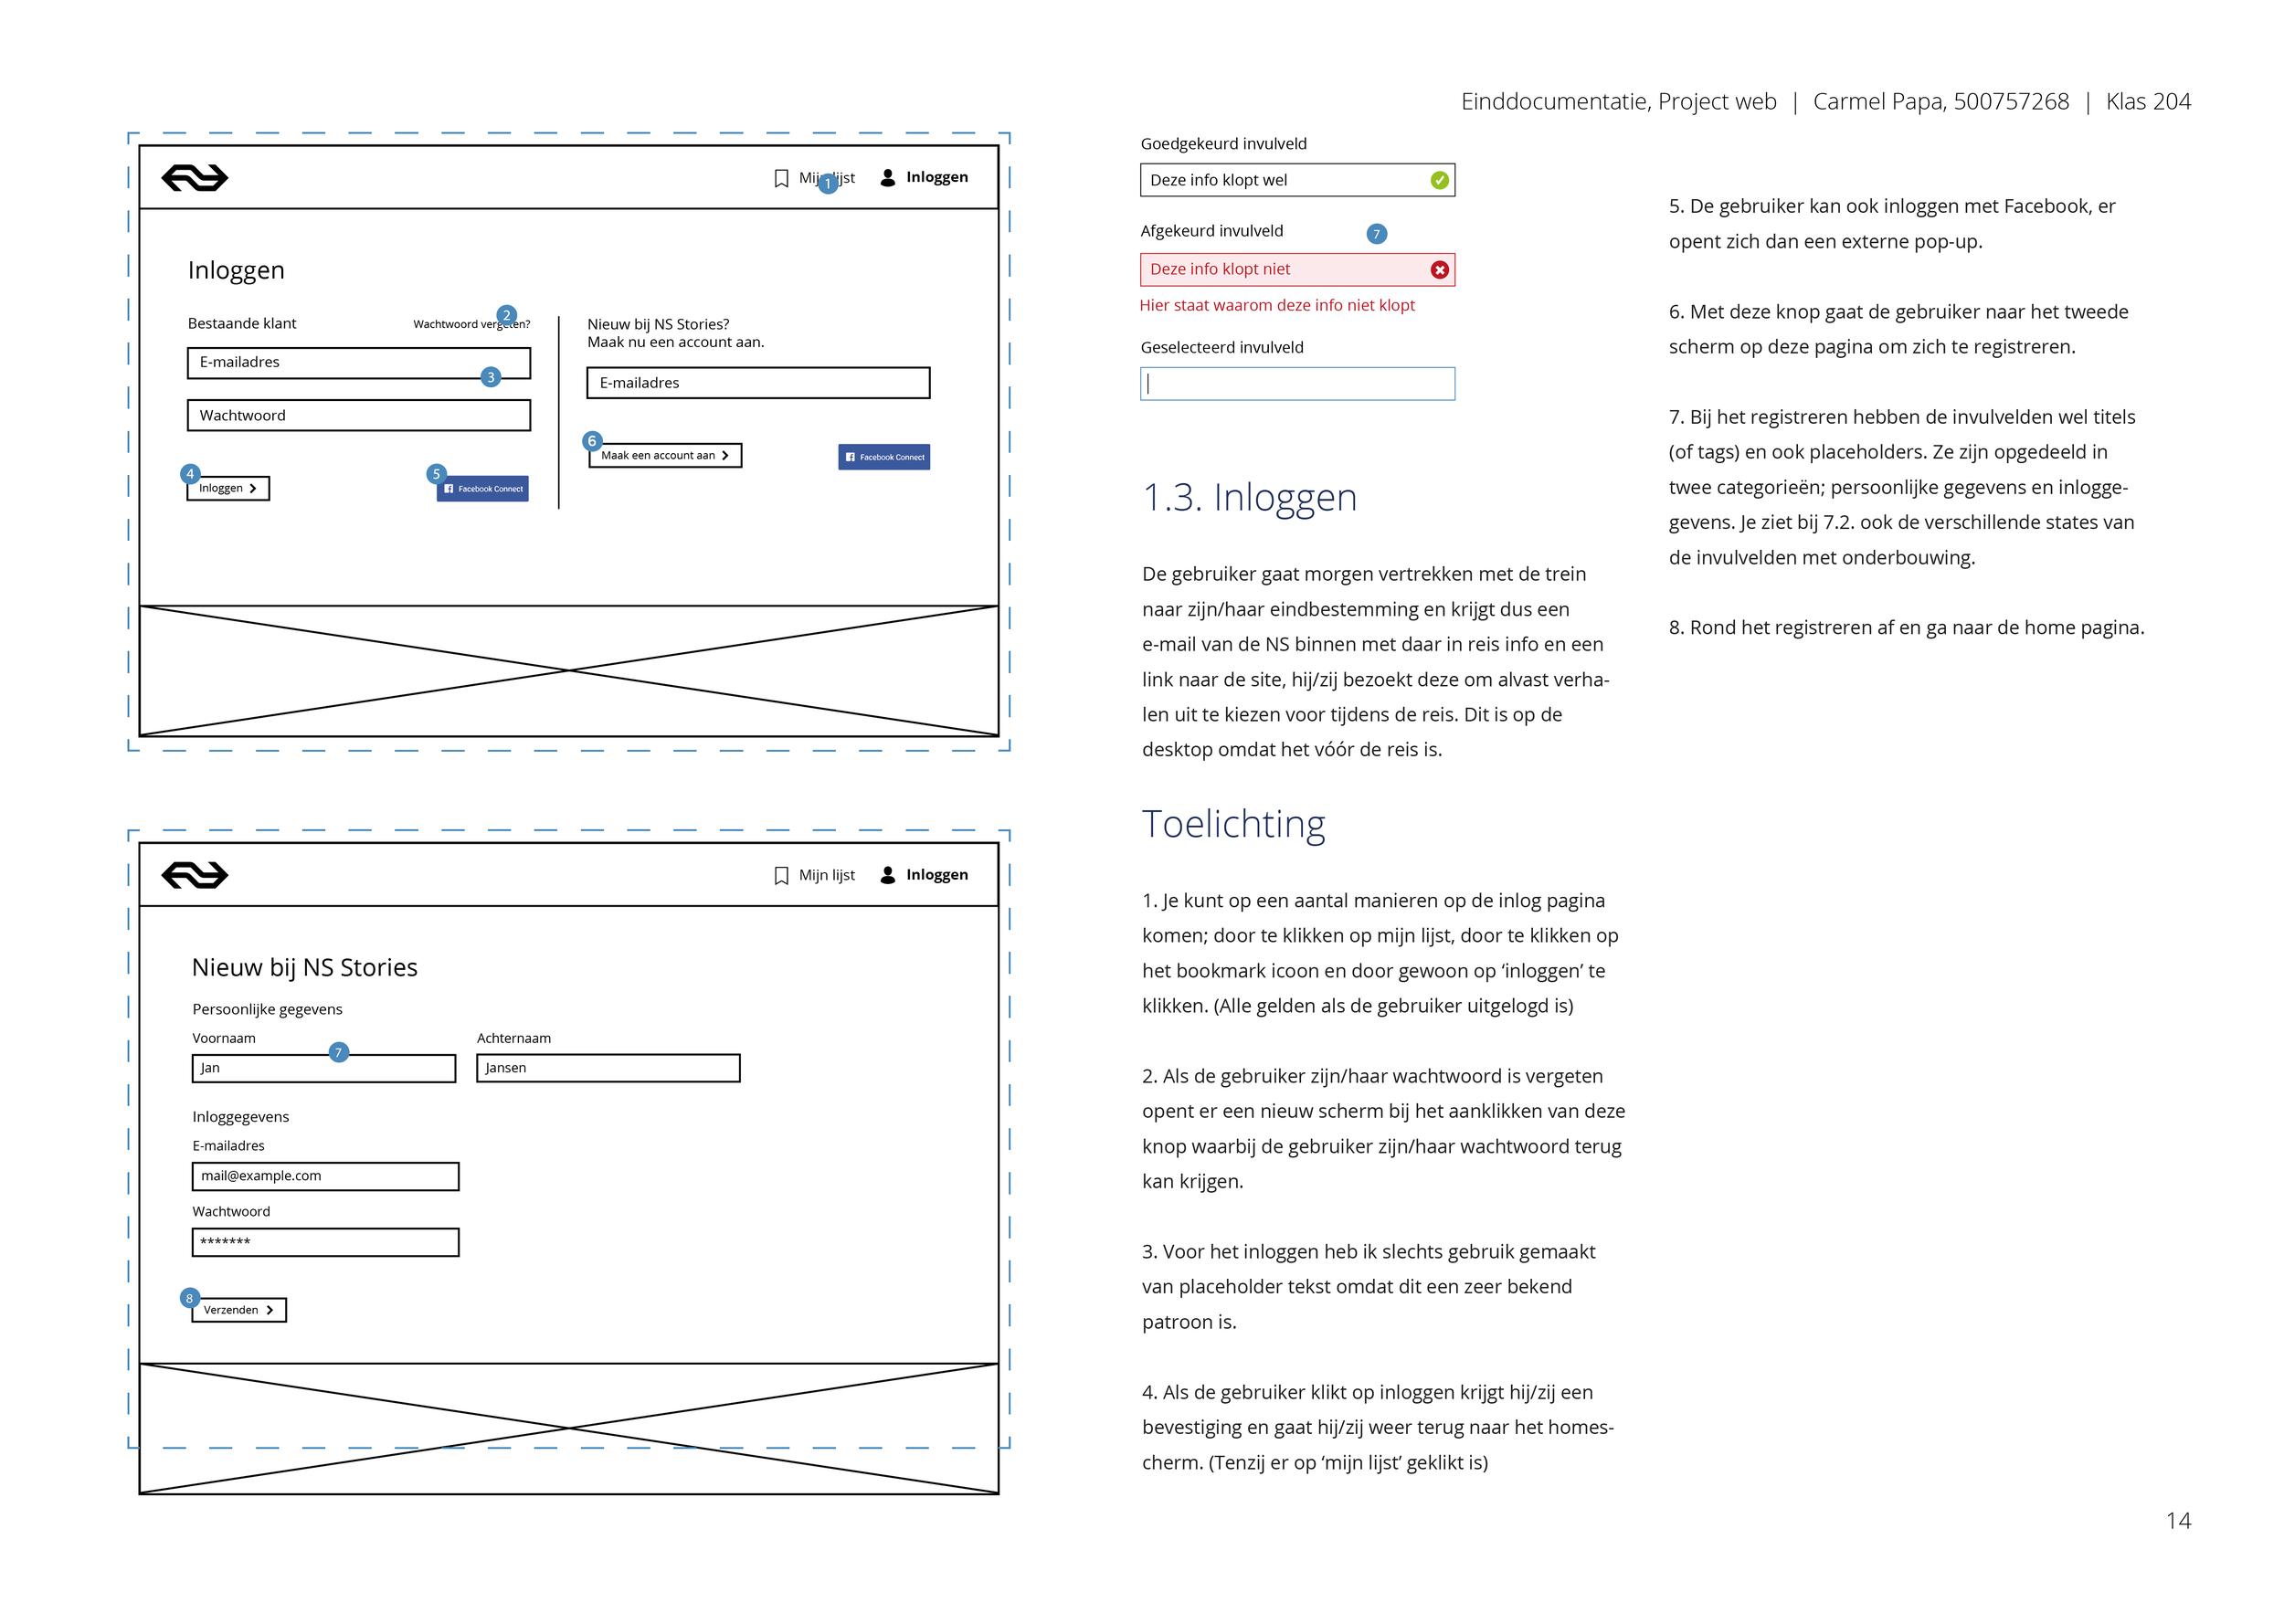 Einddocument_Project Web_Carmel Papa_204_Informatie architechtuur-15.png